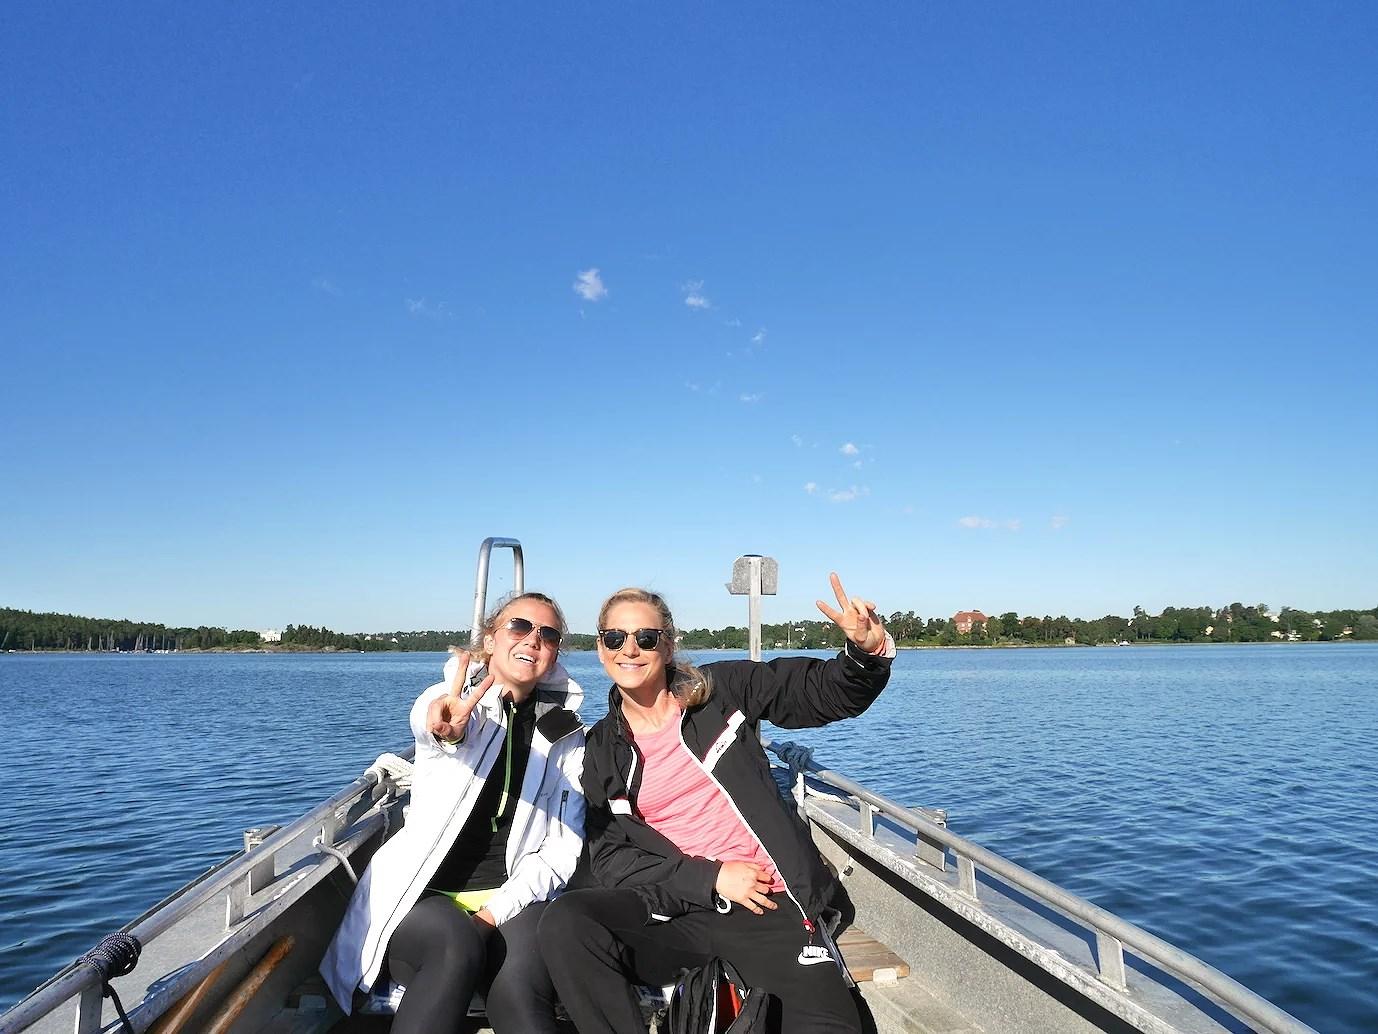 Min kompis Anna från Kalmar var med på hela eventet och bodde hos oss över helgen. Hon tyckte att det var väldigt mysigt att få starta dagen med en båttur, haha! :) Välkommen till vår vardag! ;)